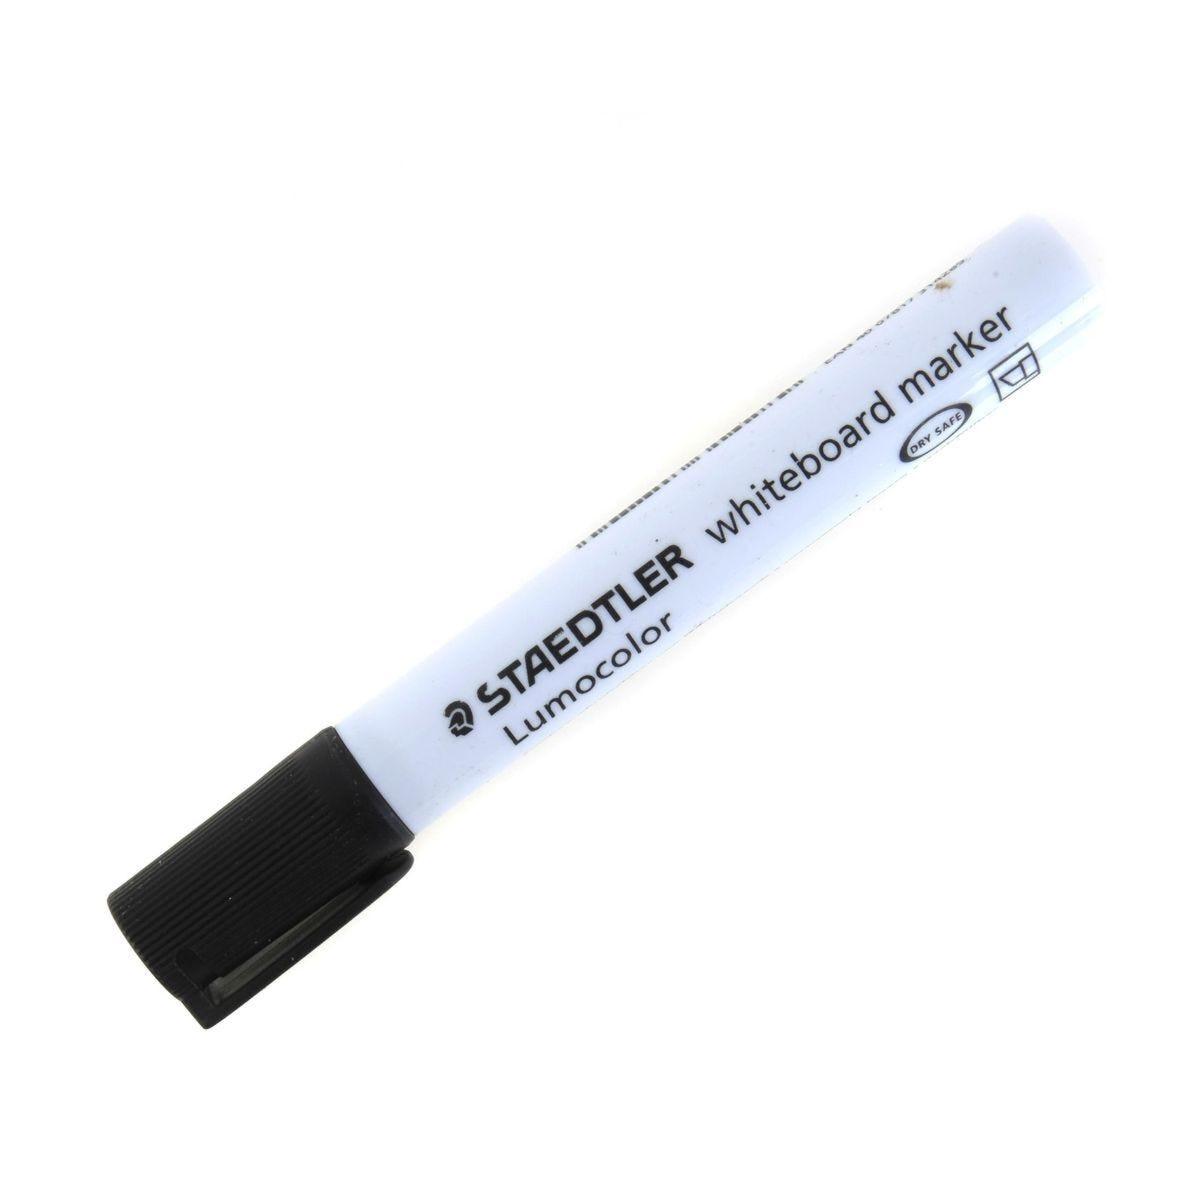 Staedtler Lumocolour 351 B Whiteboard Marker Pen Chisel Tip